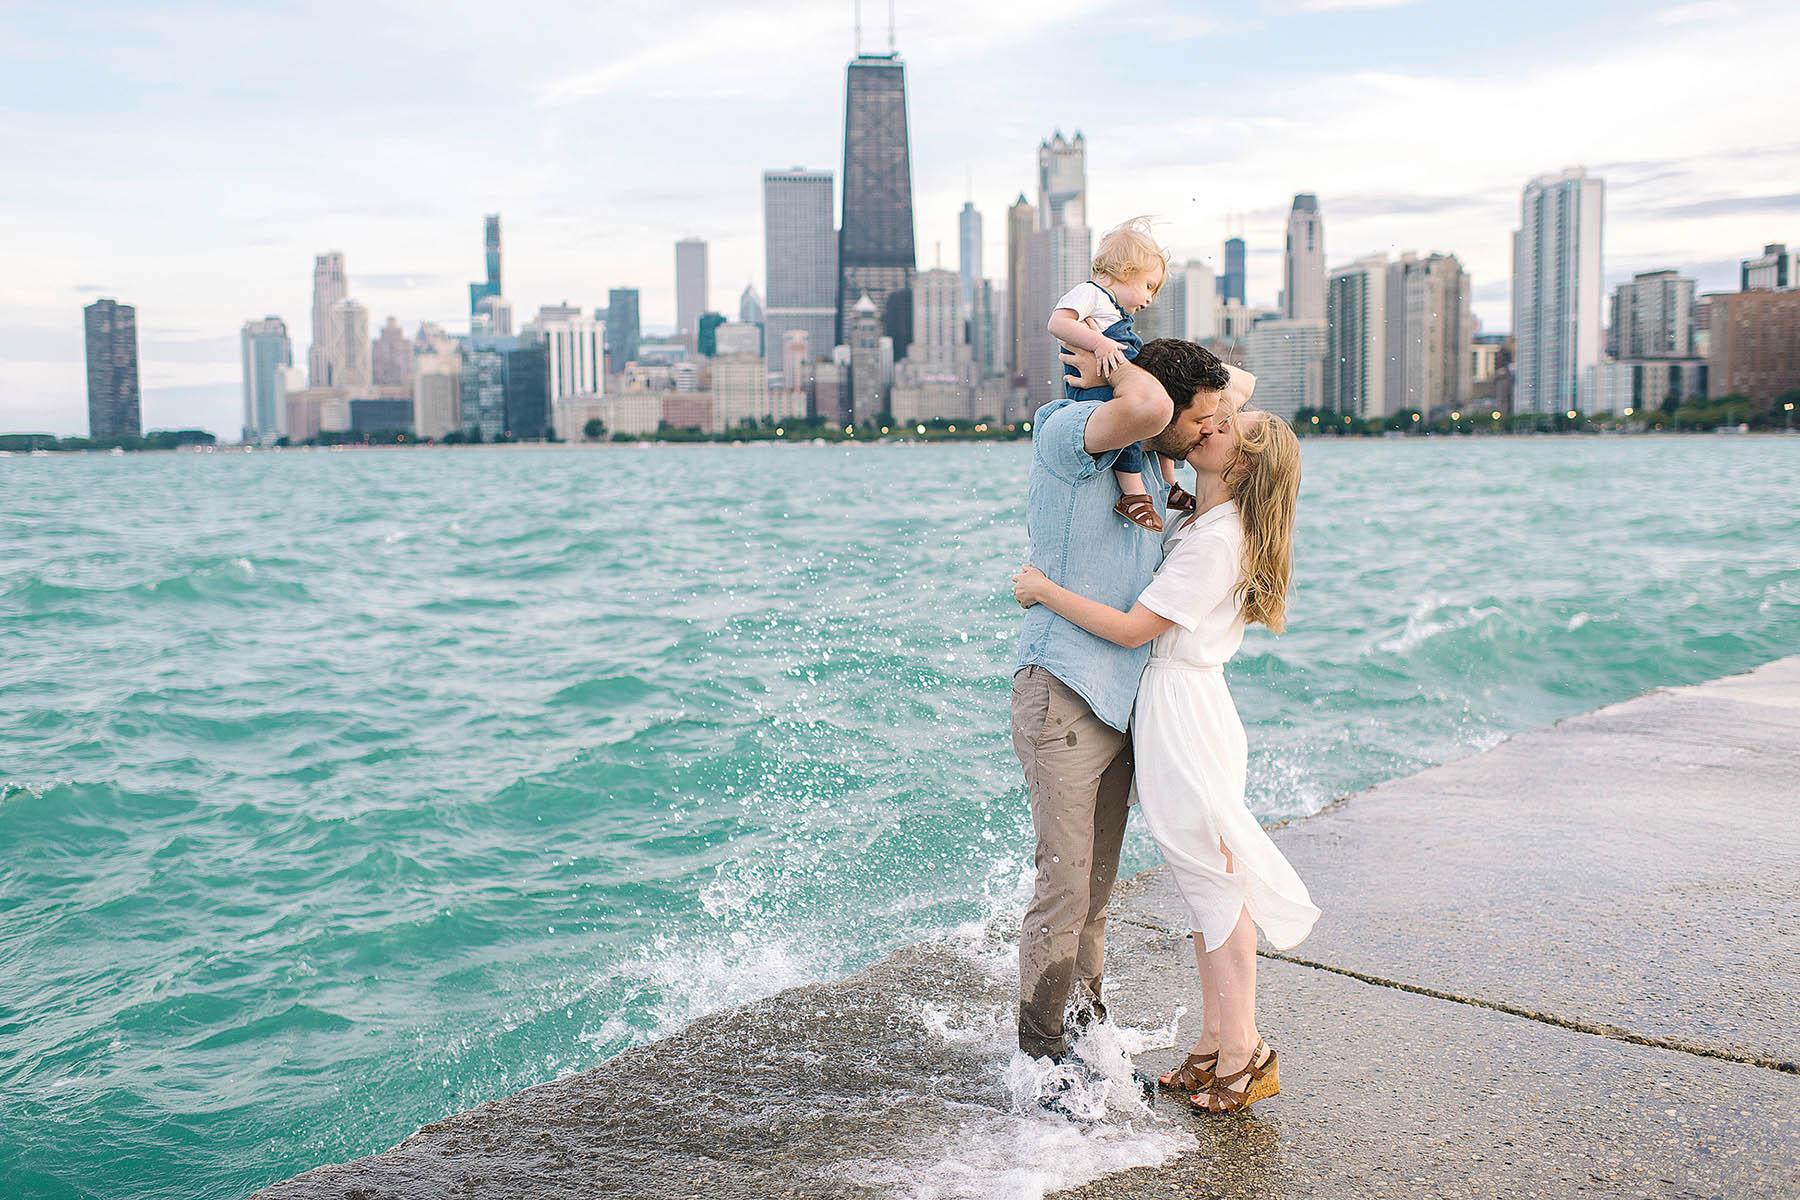 chicago-family-photographer-skyline-beach